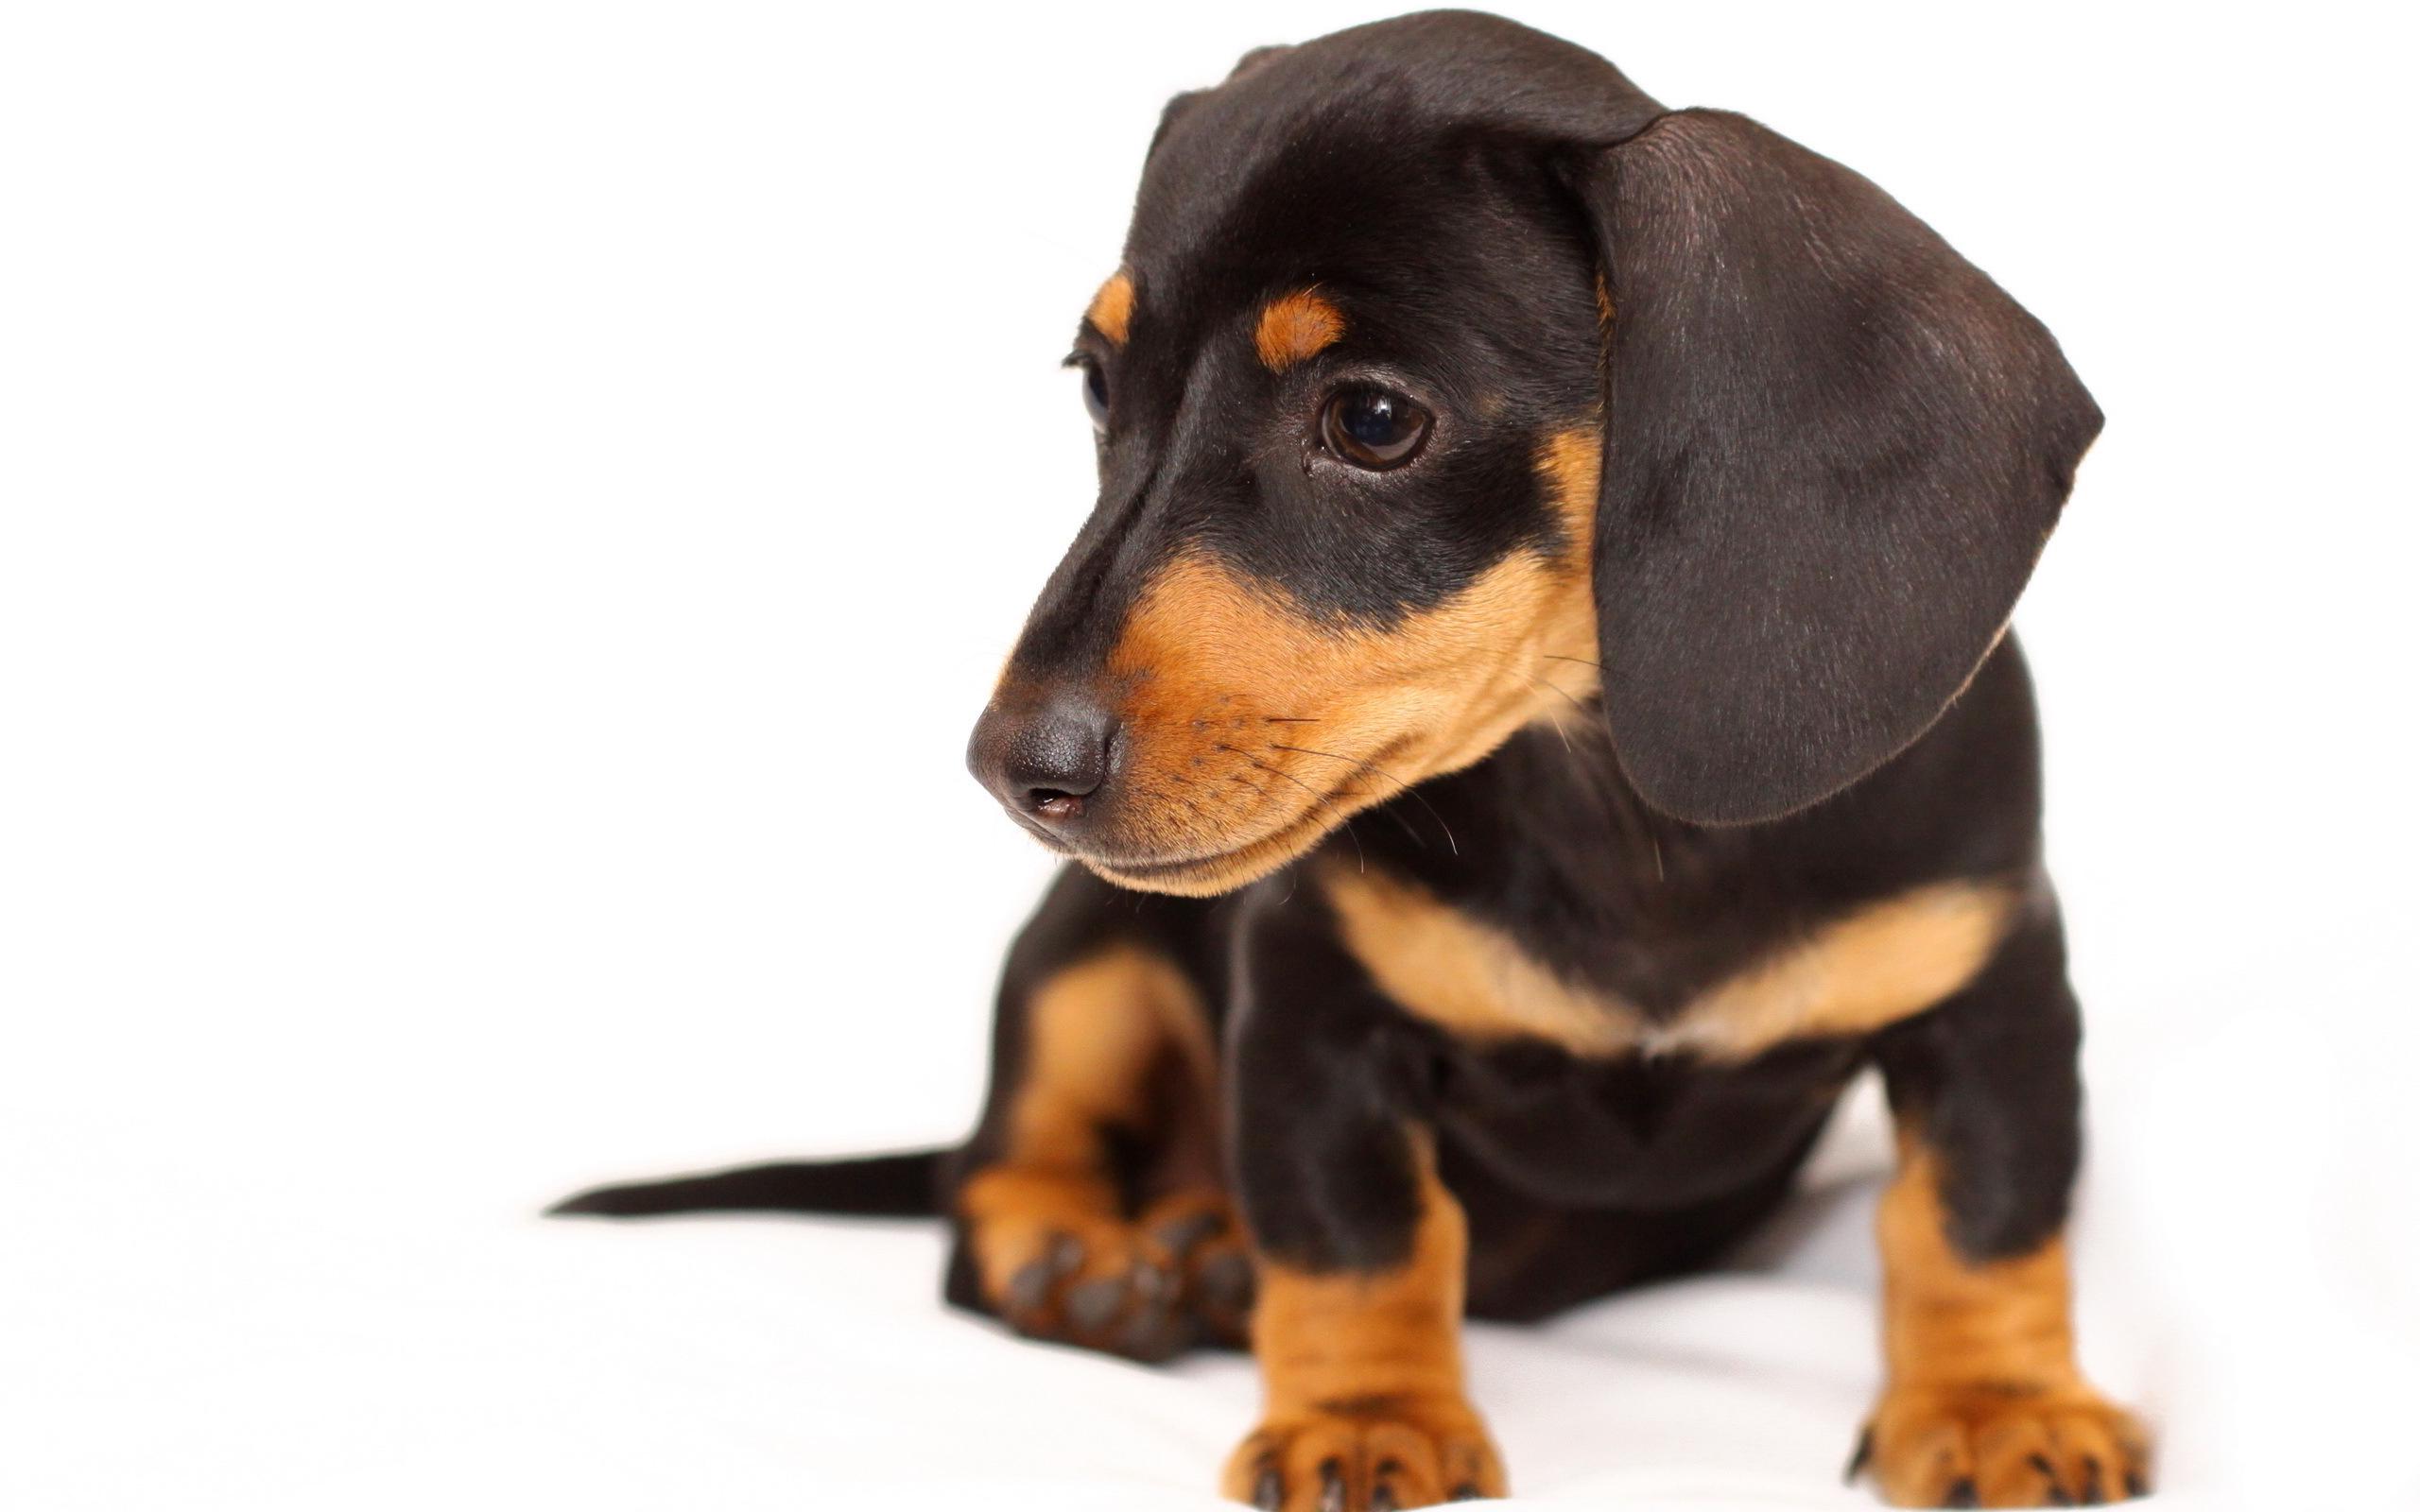 Doxie puppy